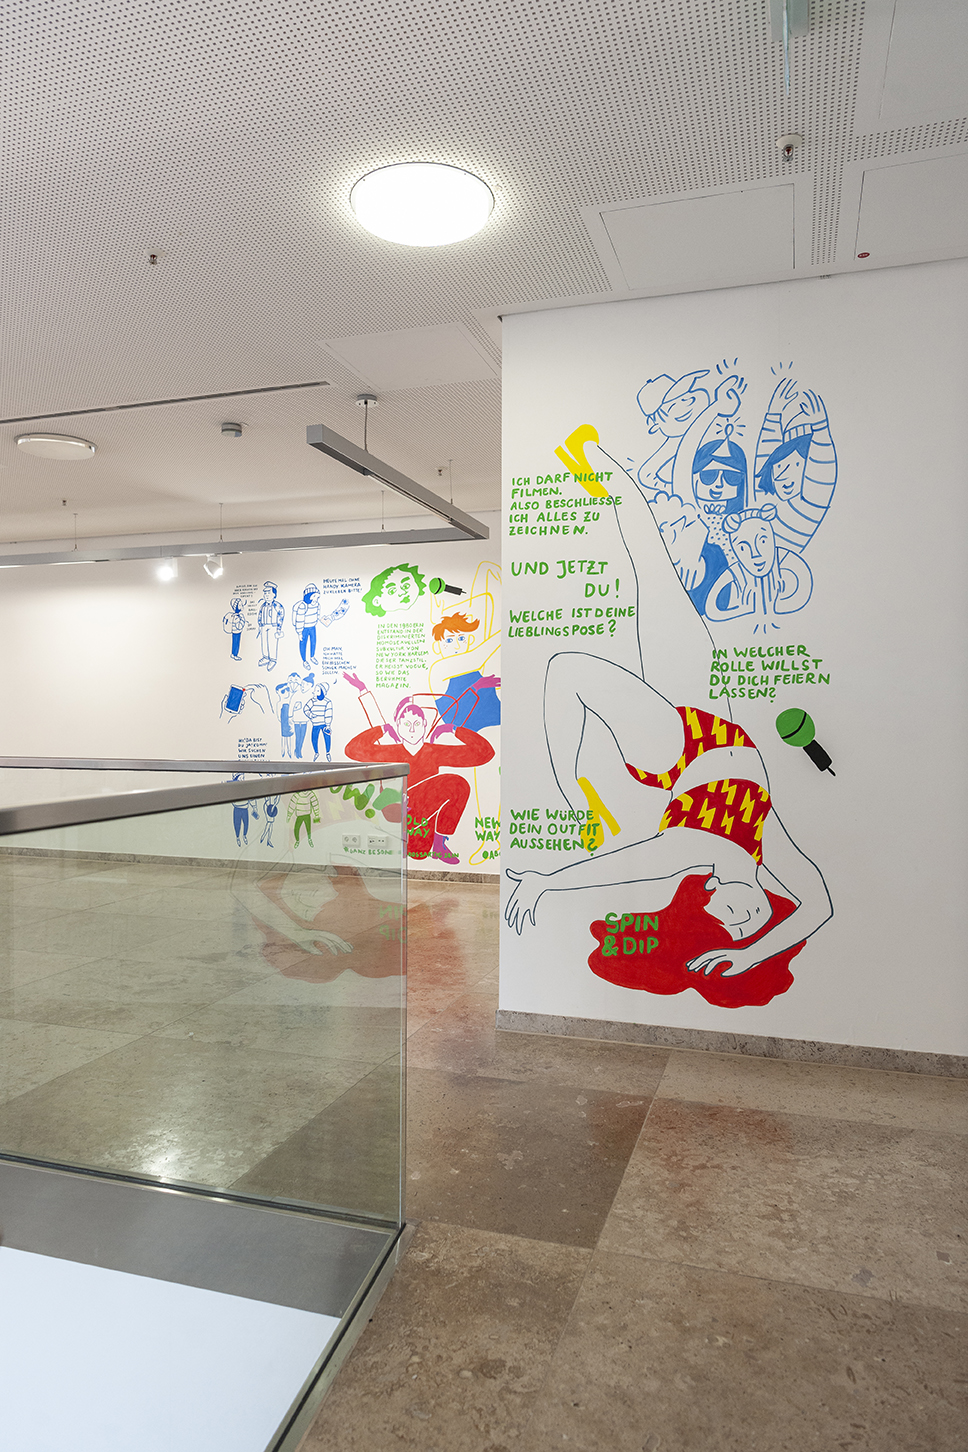 by Marcel Krailbuehler, Burcu Türker, Werk Werk Werk, Comic, Ballroom, Voguing, Insight, Stuttgart